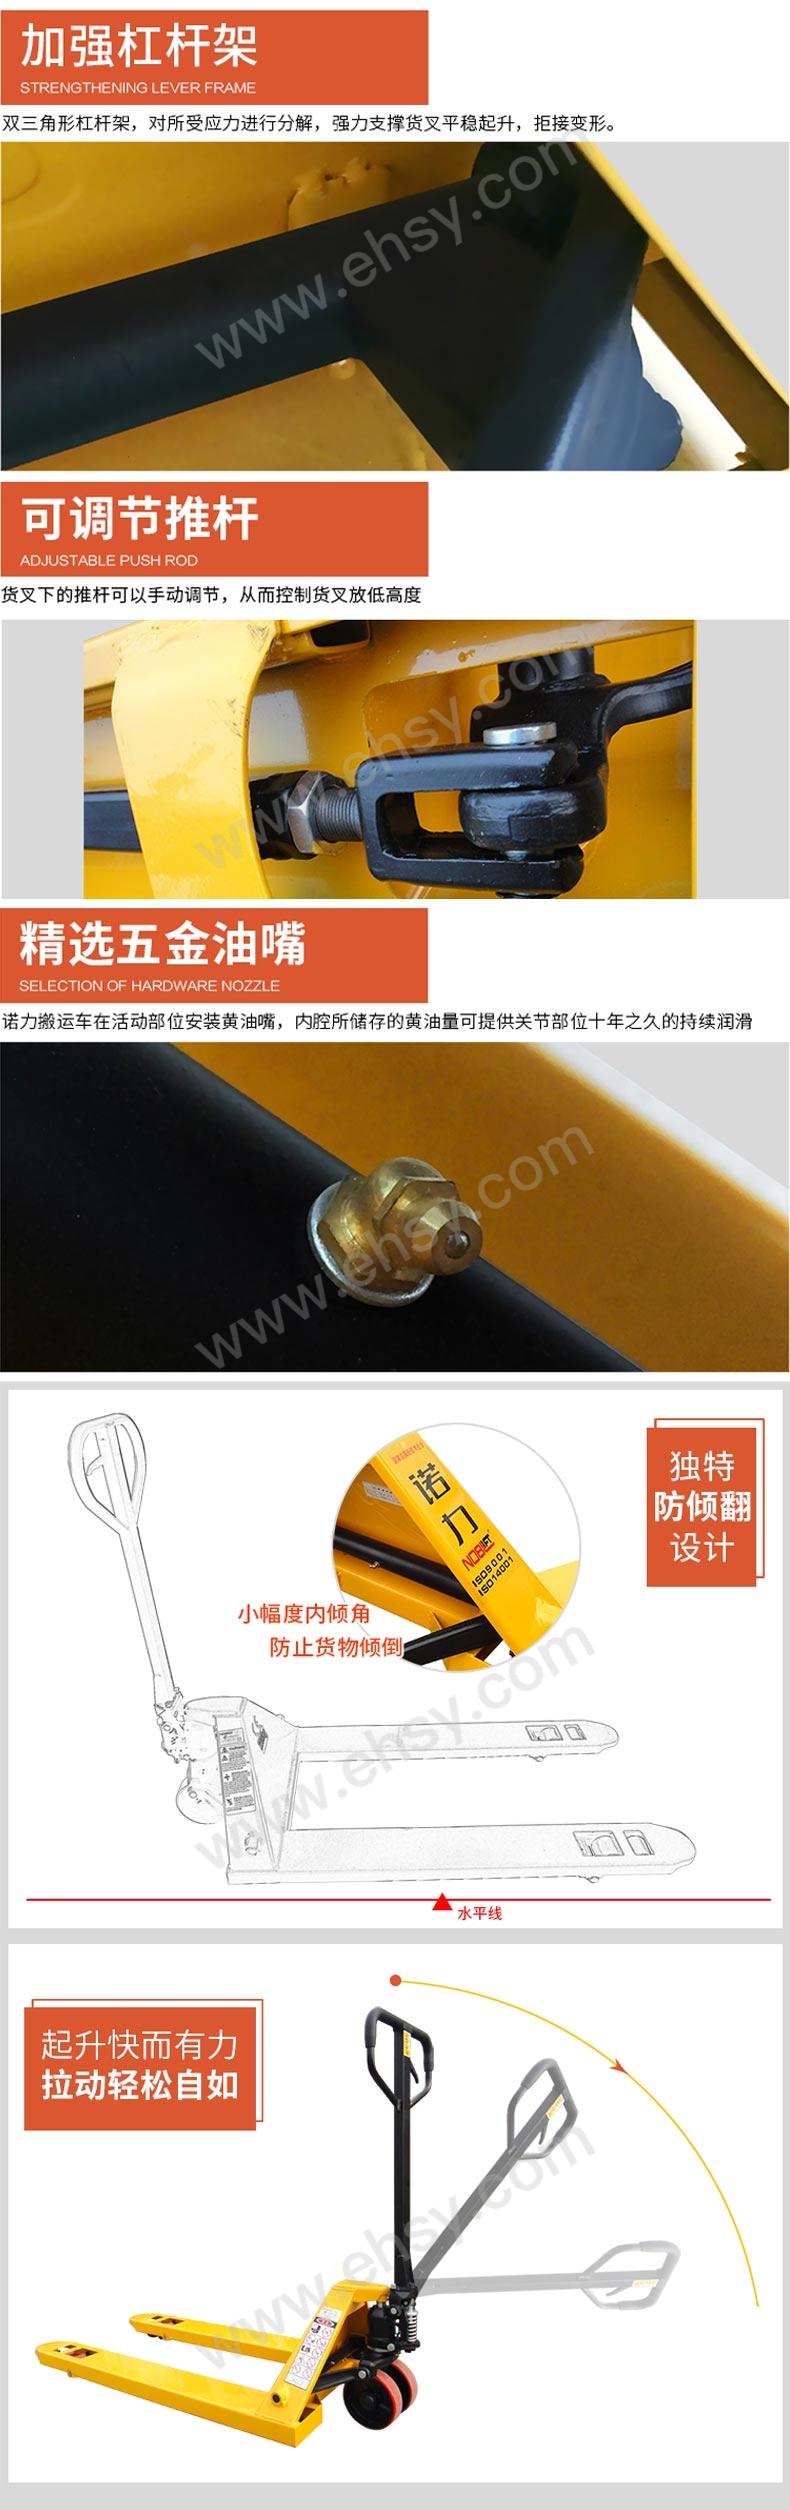 产品细节-2.jpg